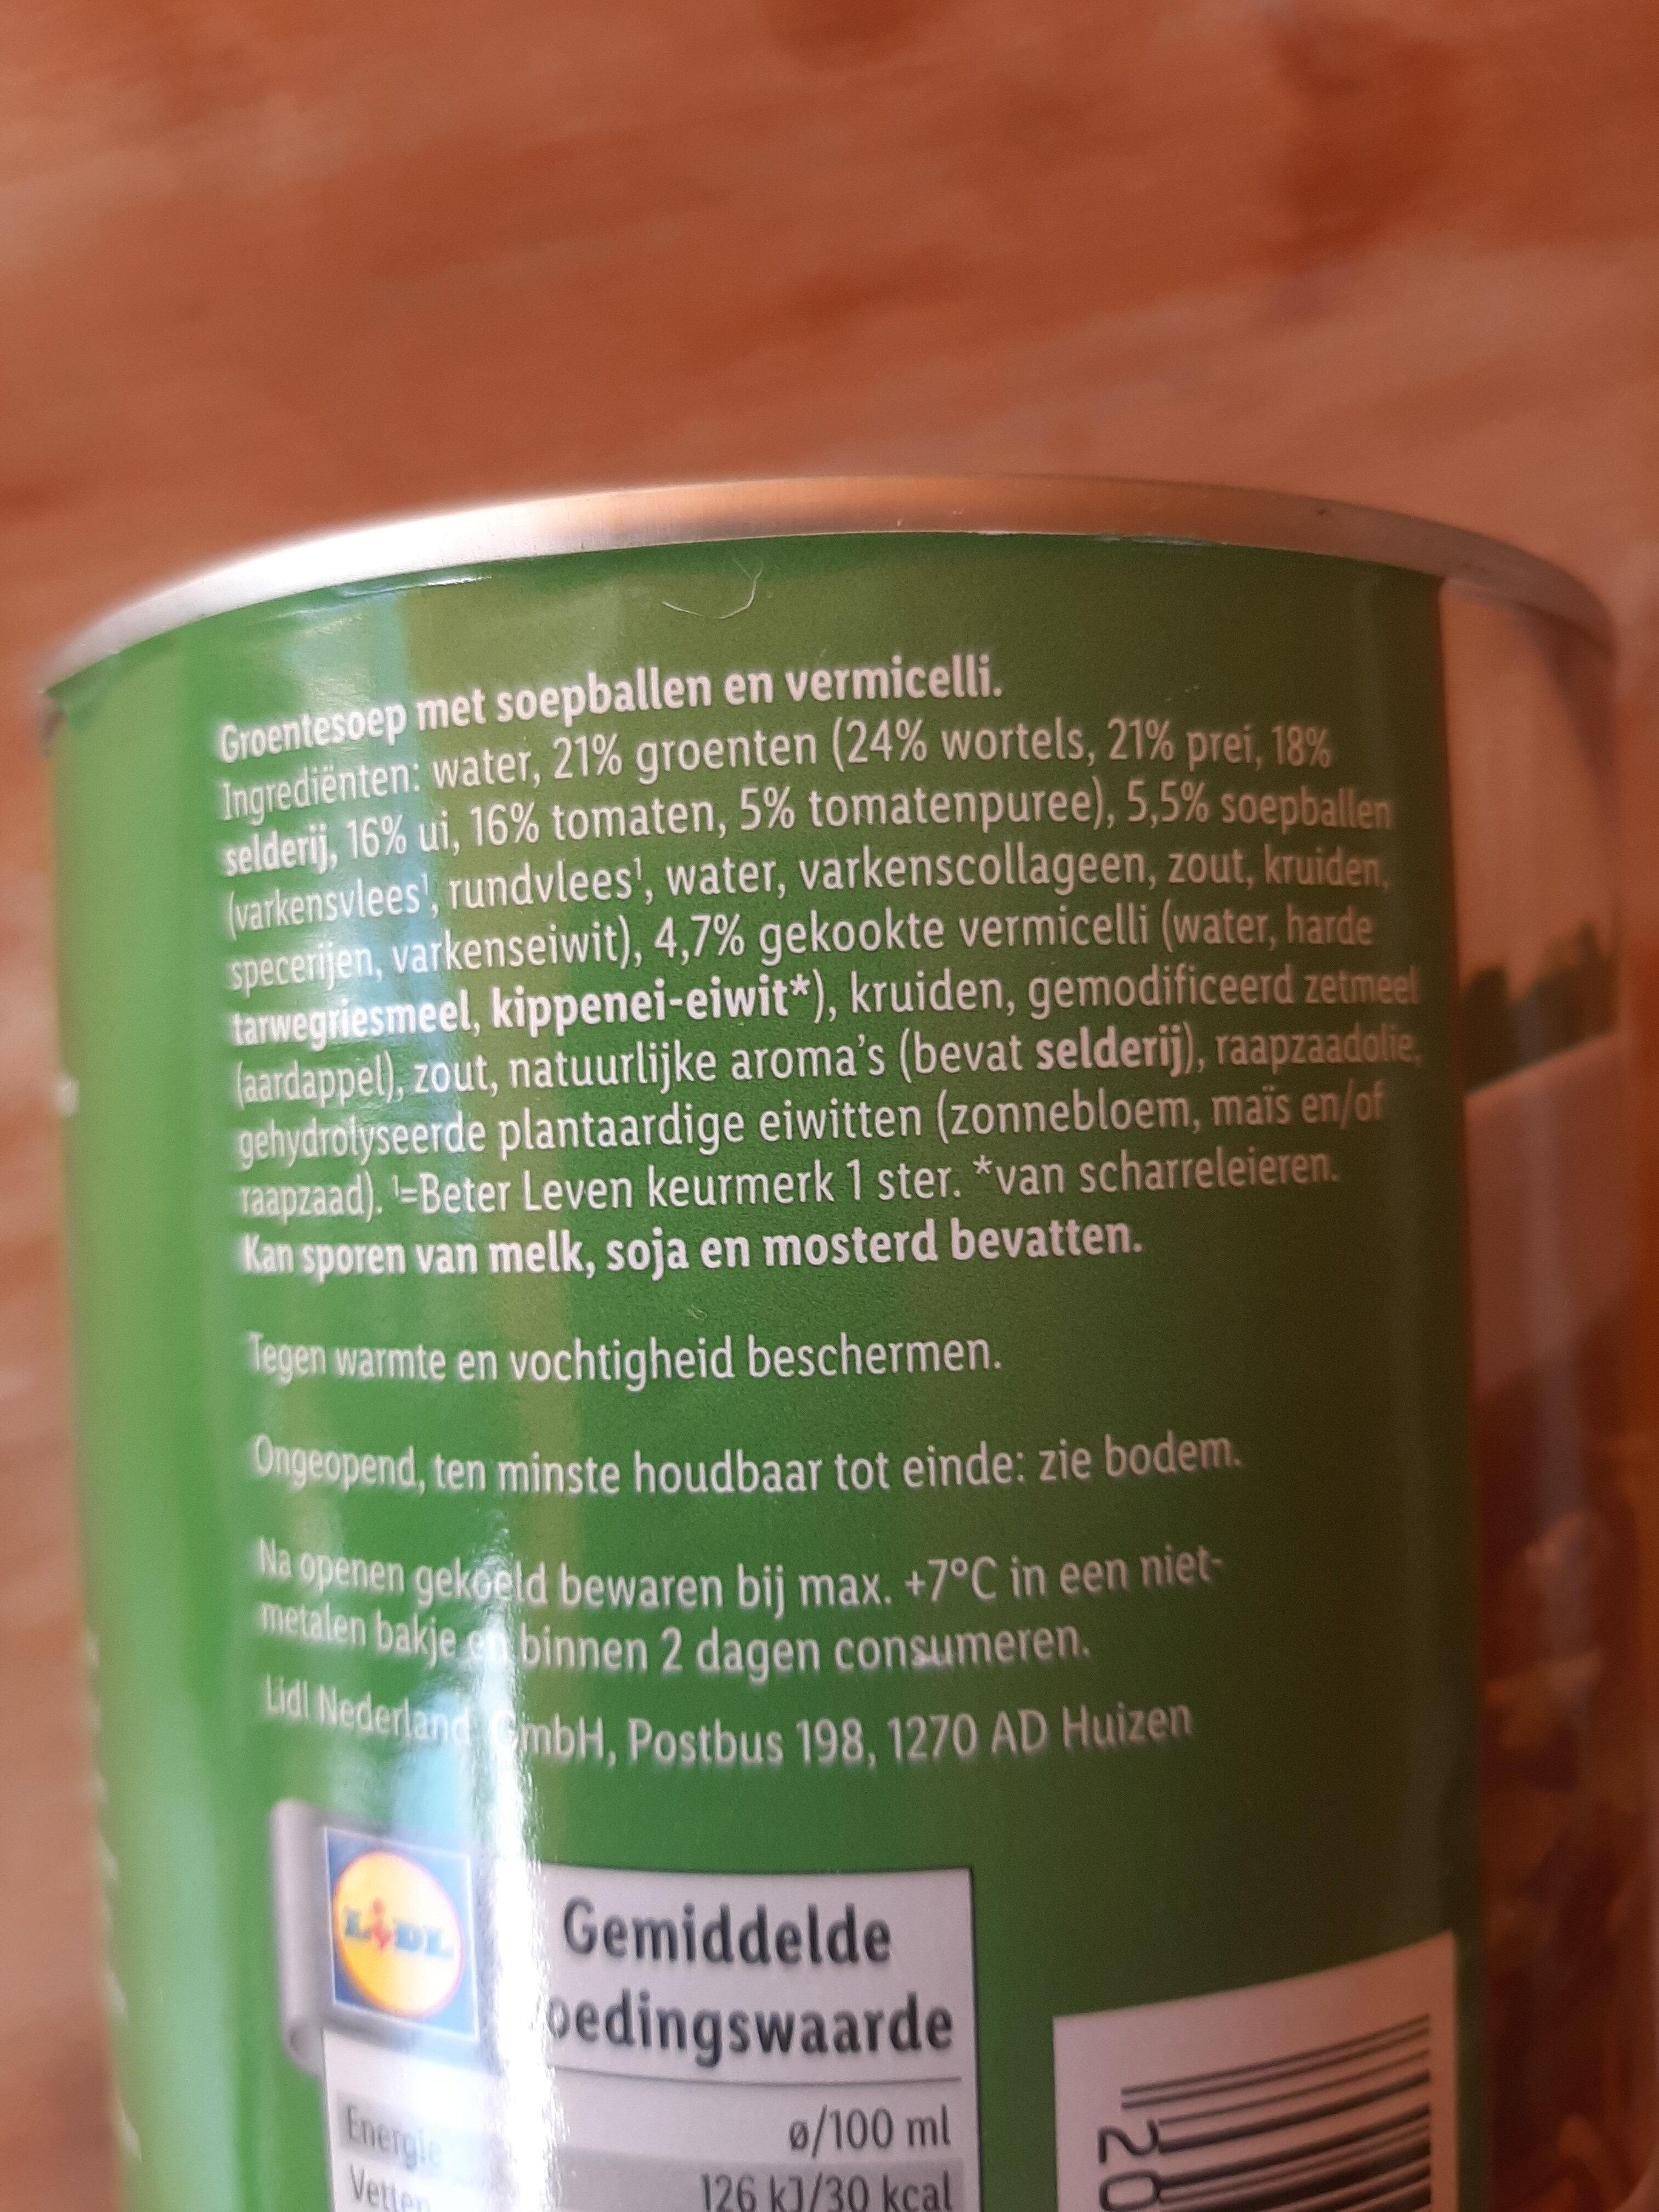 Groentesoep - Ingredients - nl